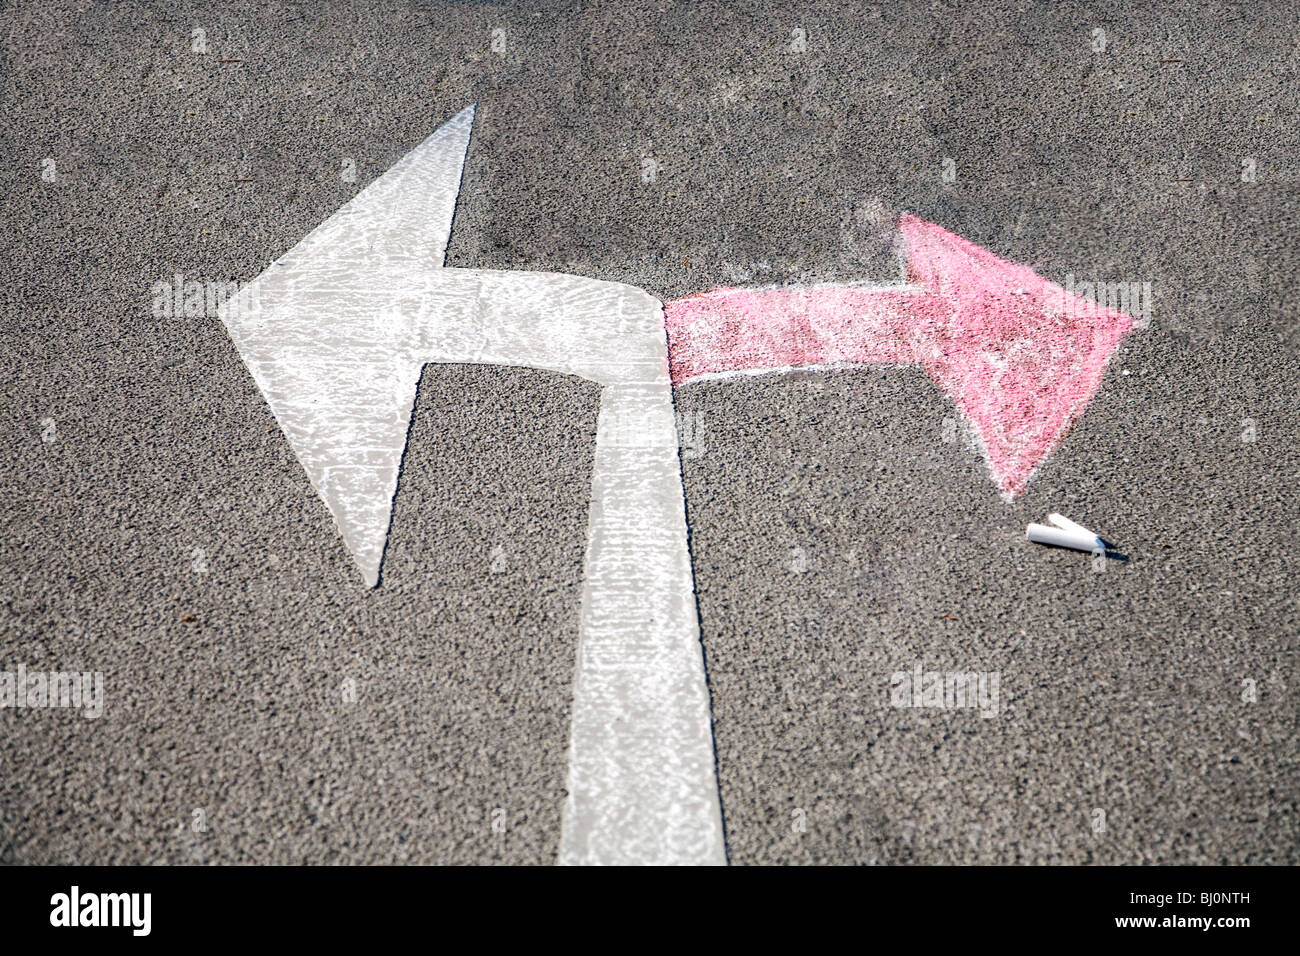 roter Pfeil gezeichnet auf Straße in Gegenrichtung von Verkehrszeichen Stockbild